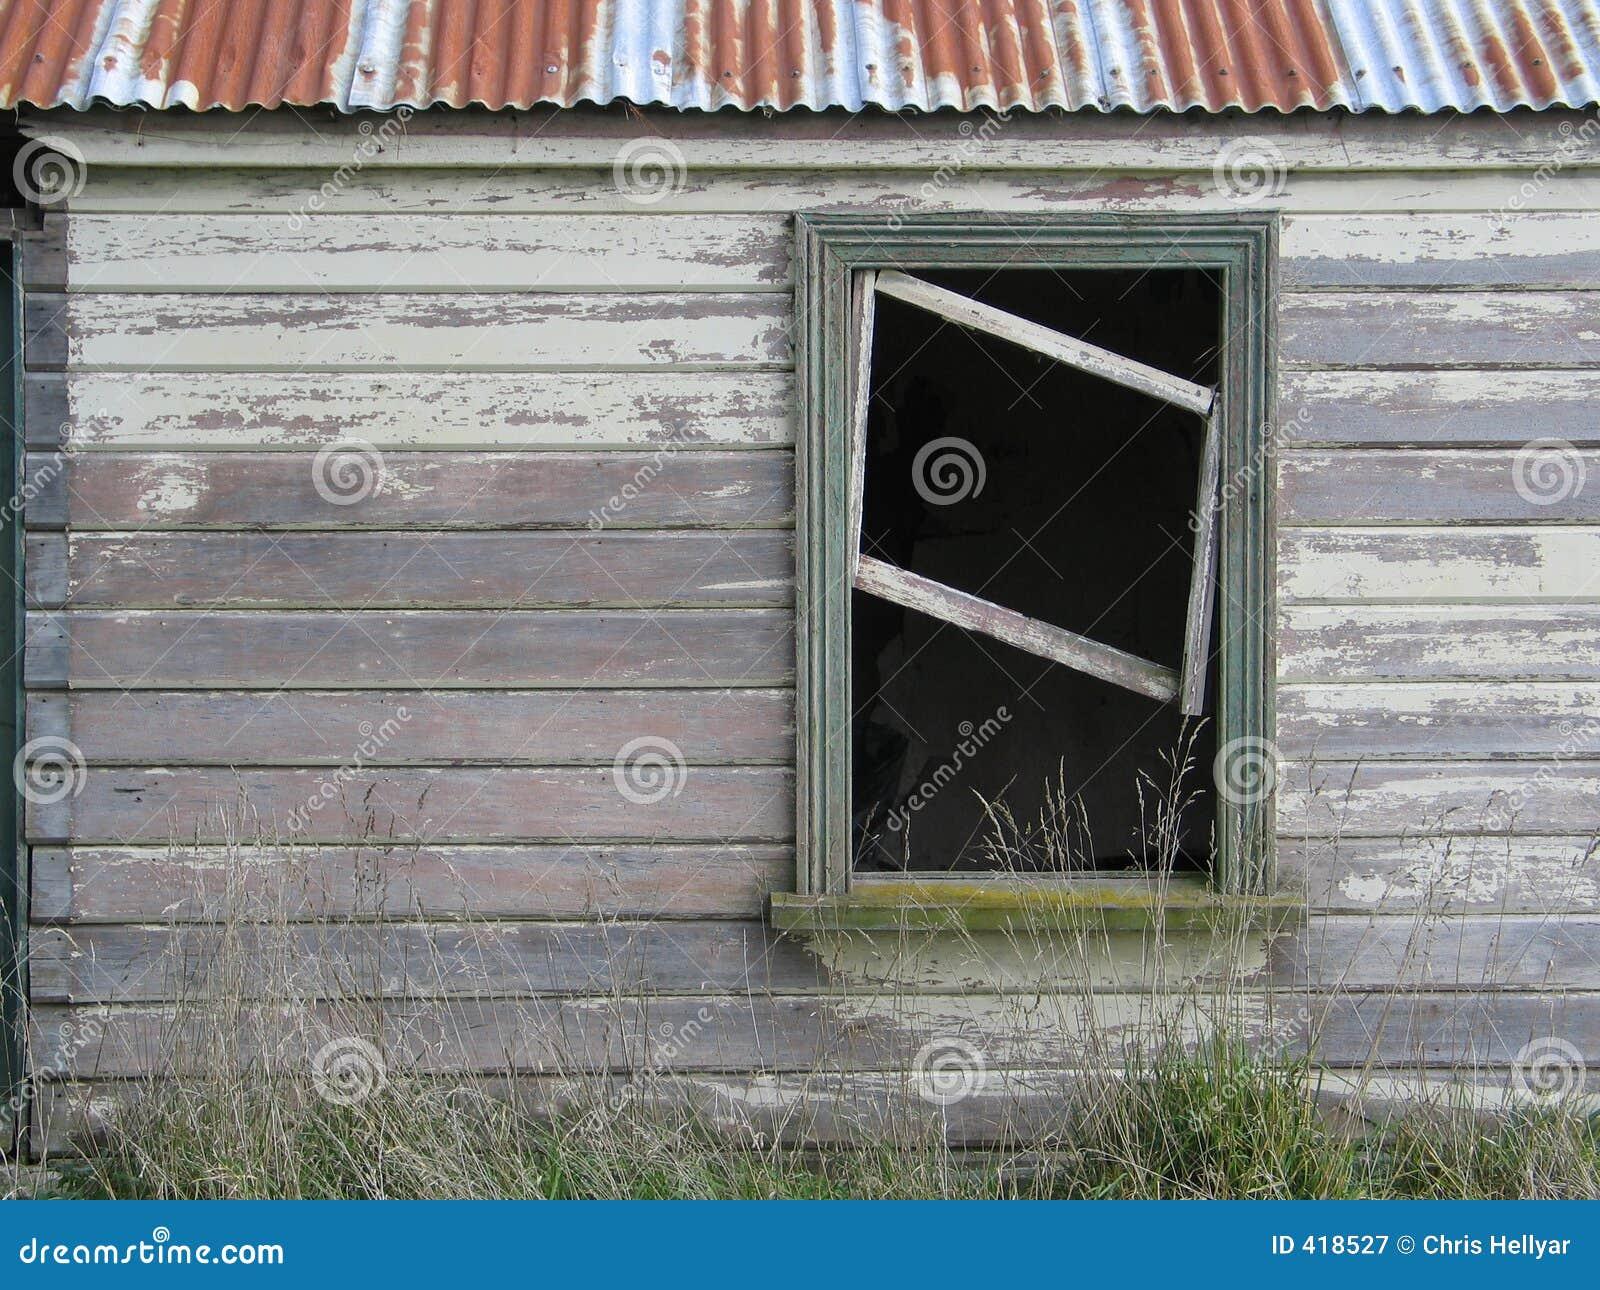 Alternfenster #2